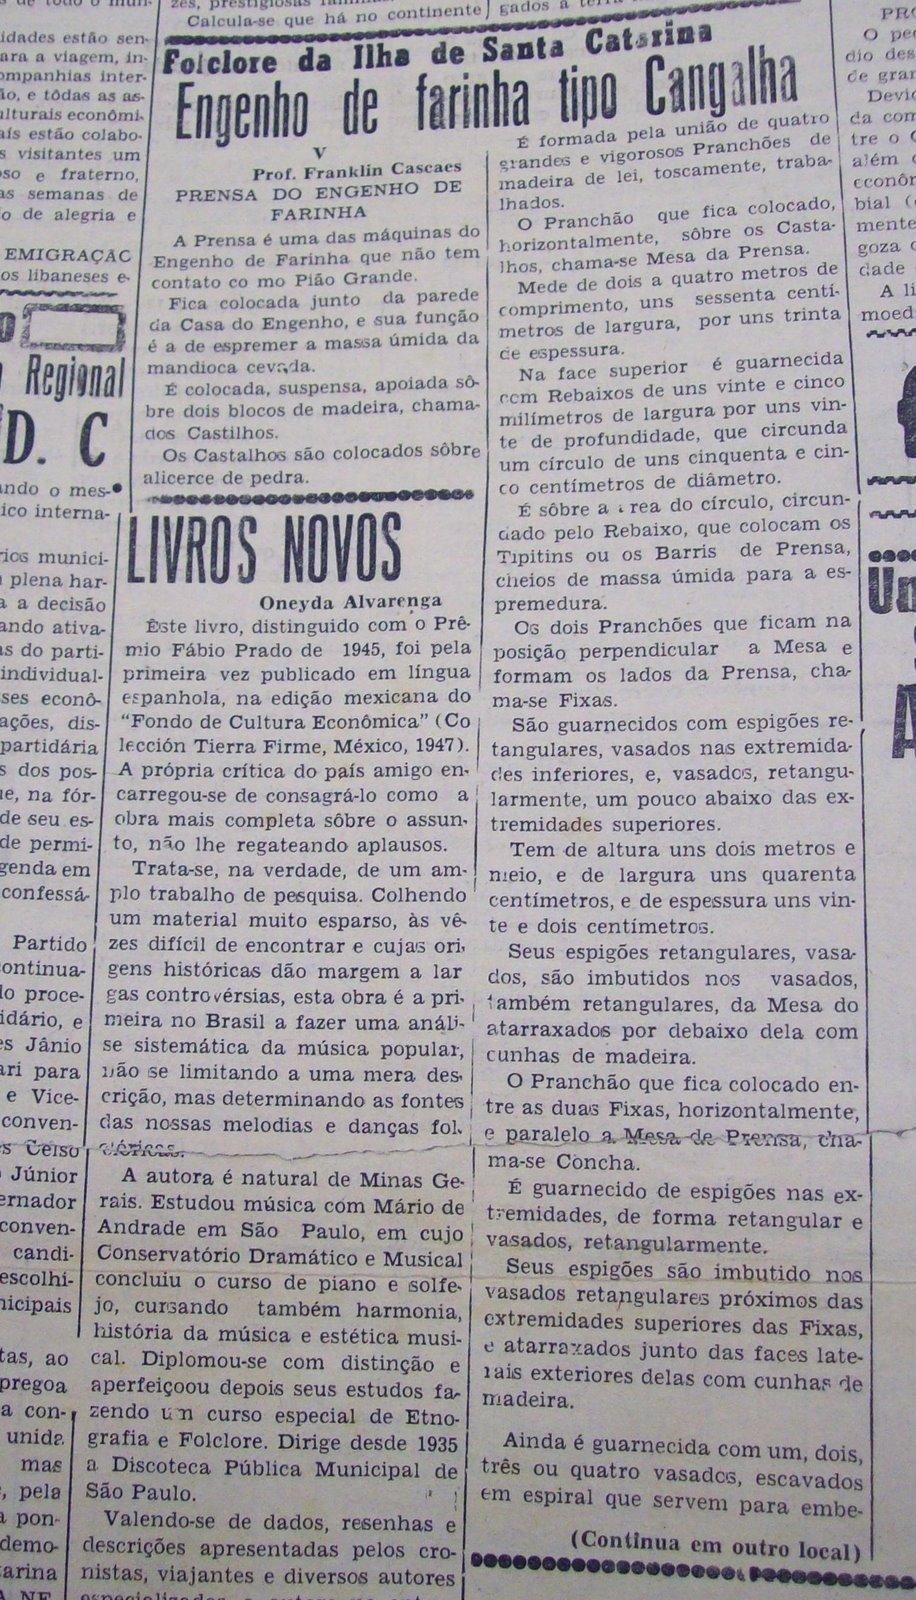 A Gazeta - Engenho de Histórias